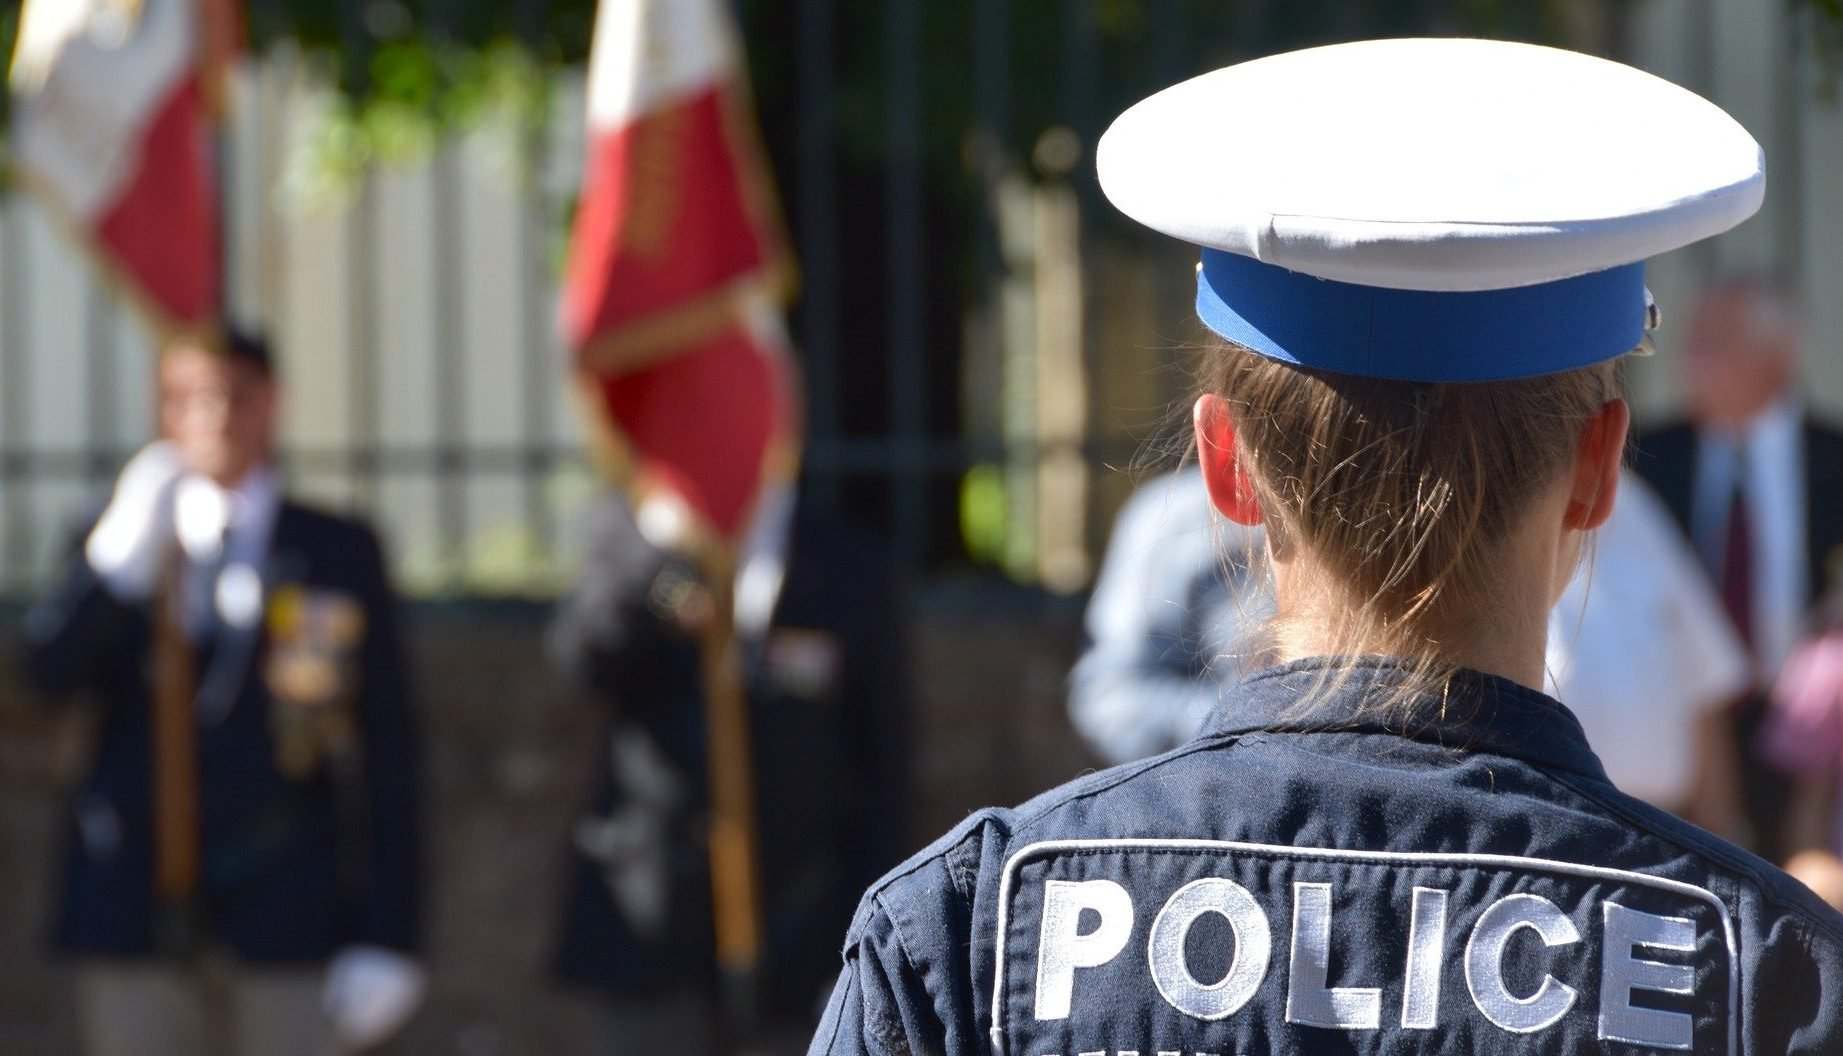 policeman 4335569 1920 e1579189575400.jpg?resize=412,232 - Disparition : L'enfant de 12 ans porté disparu à Cestas a été retrouvé